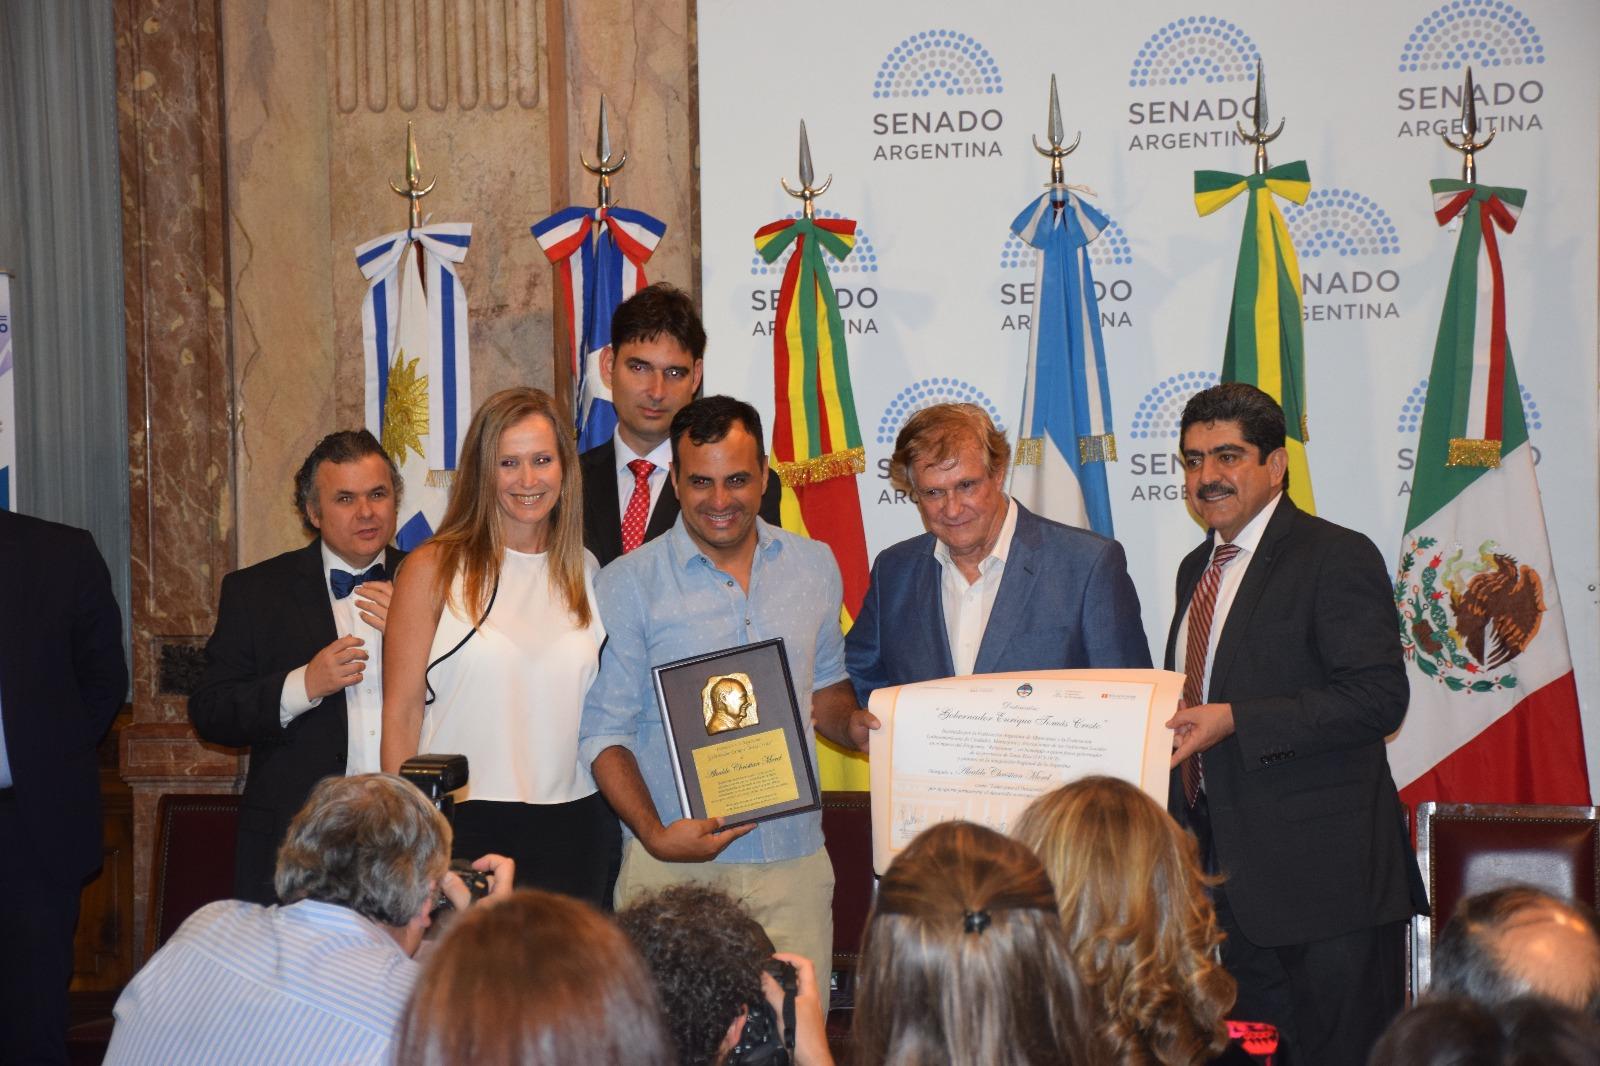 Alcalde de Río Branco, Christian Morel en el acto Dr. Tomás Cresto